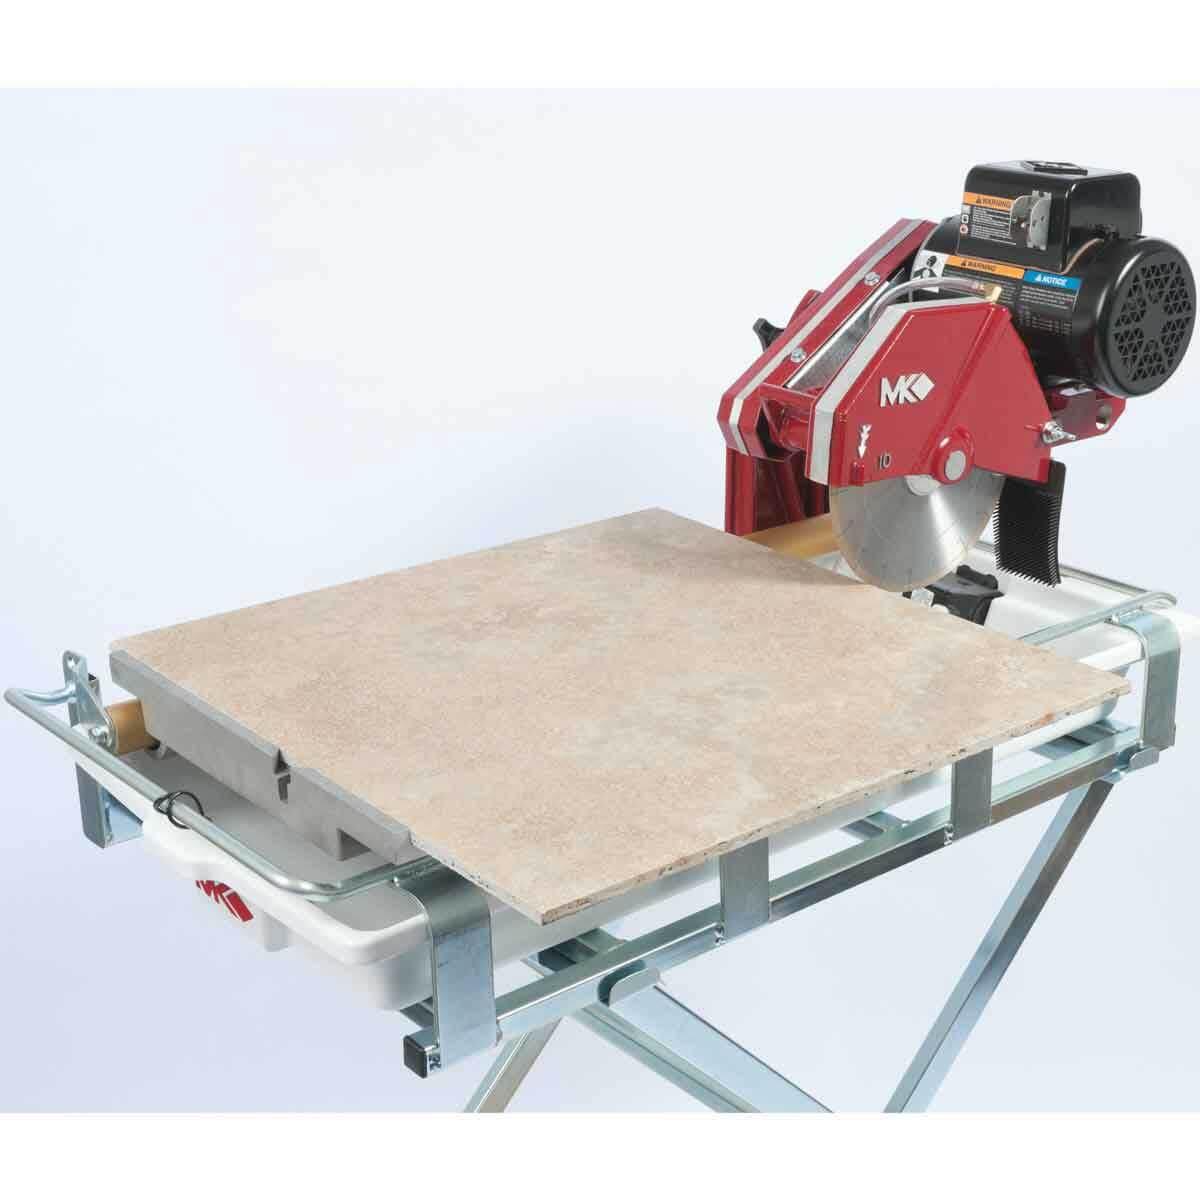 169612 mk 101 24 wet tile saw